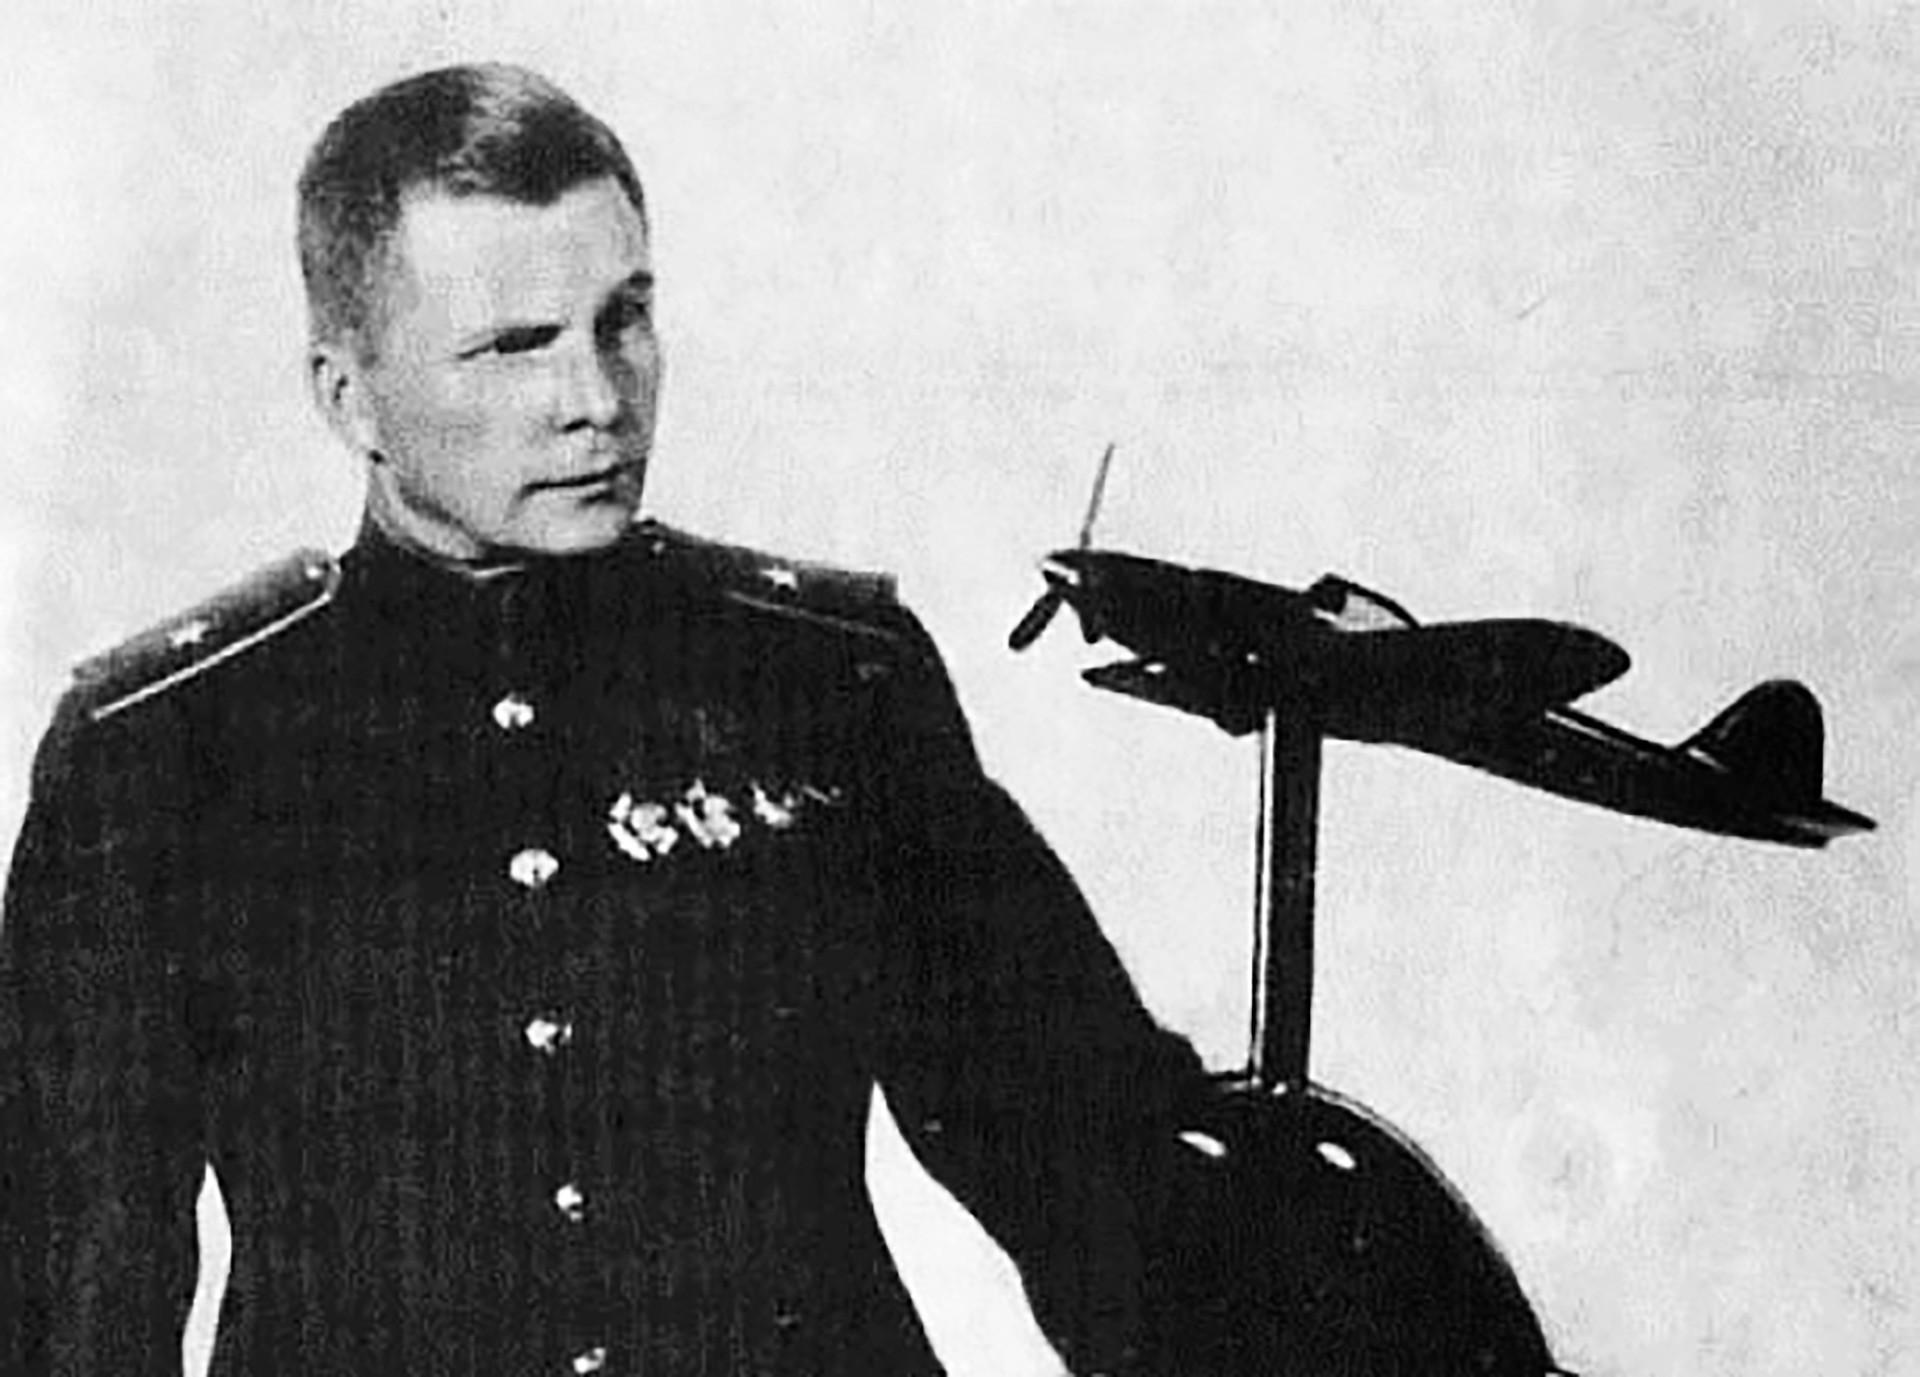 Советскиот конструктор Сергеј Иљушин со макета на својот авион Ил-2.